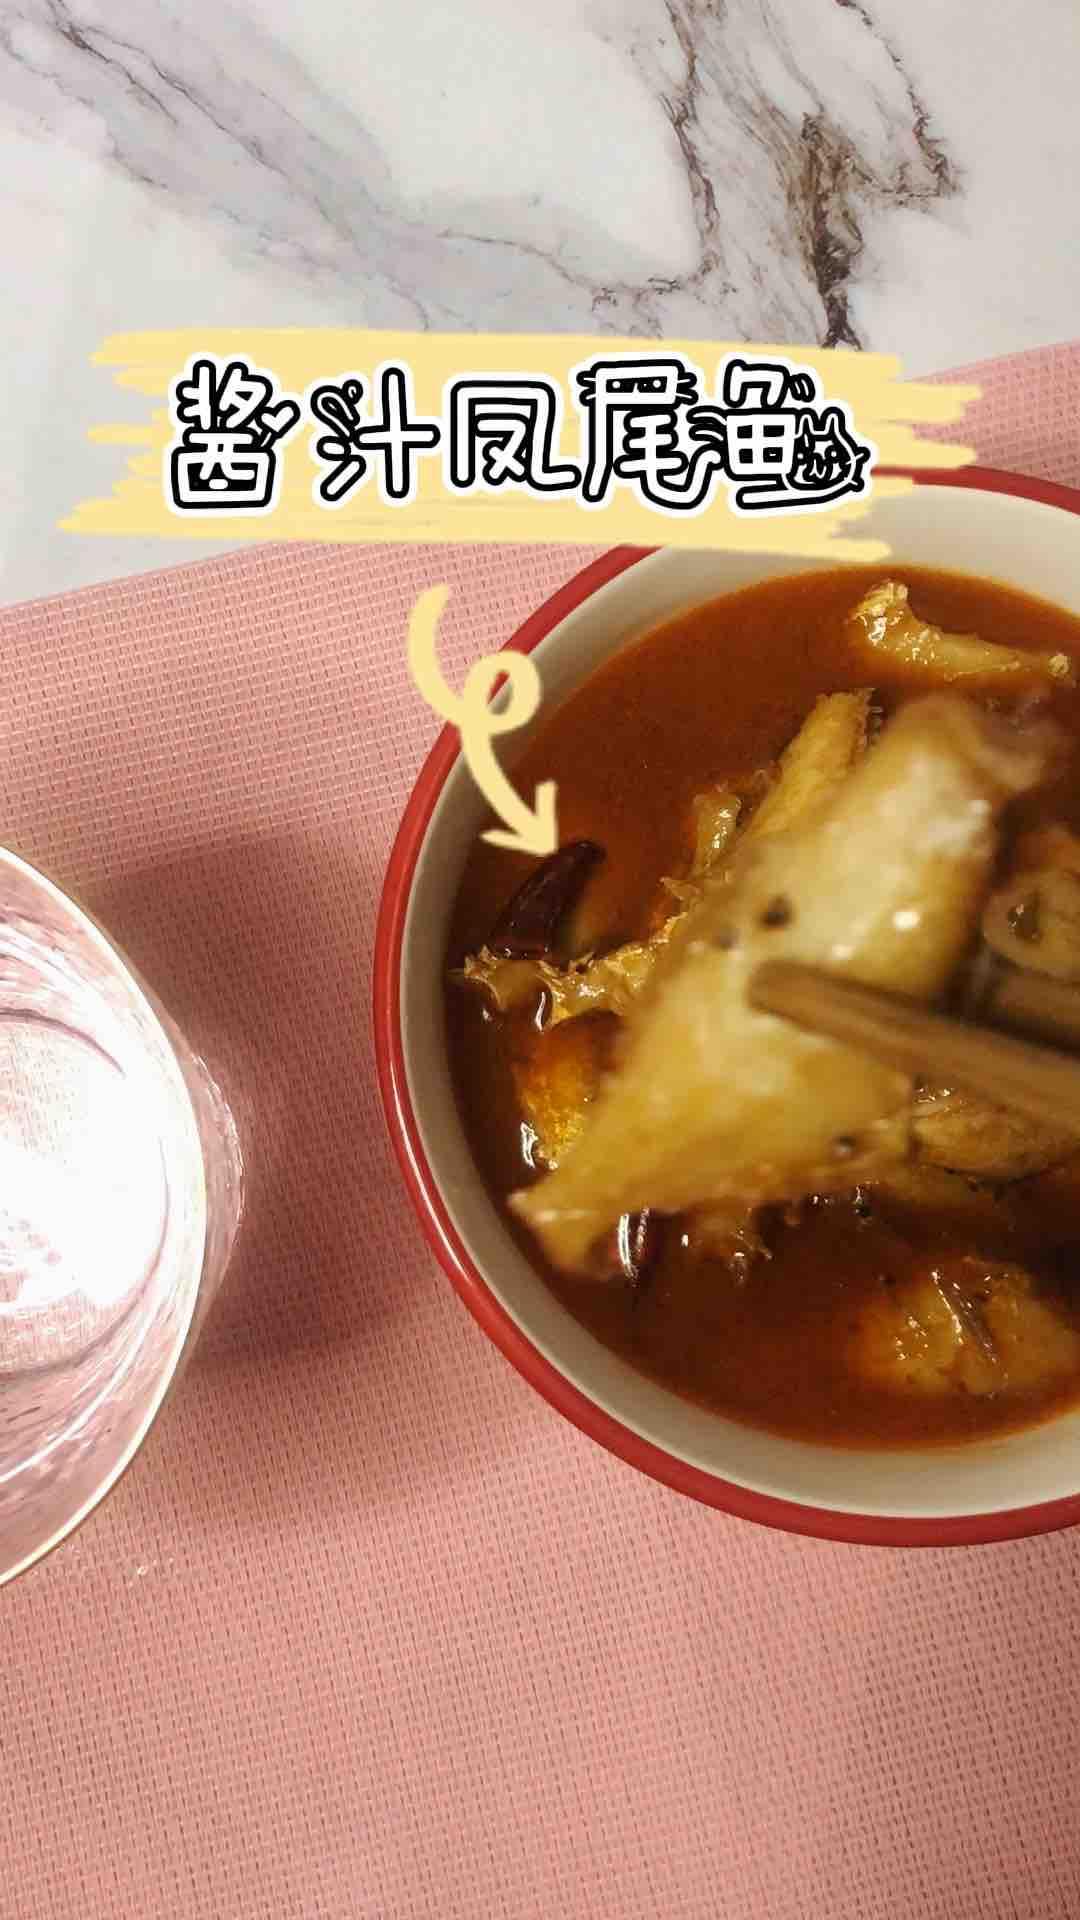 酱汁凤尾鱼的做法